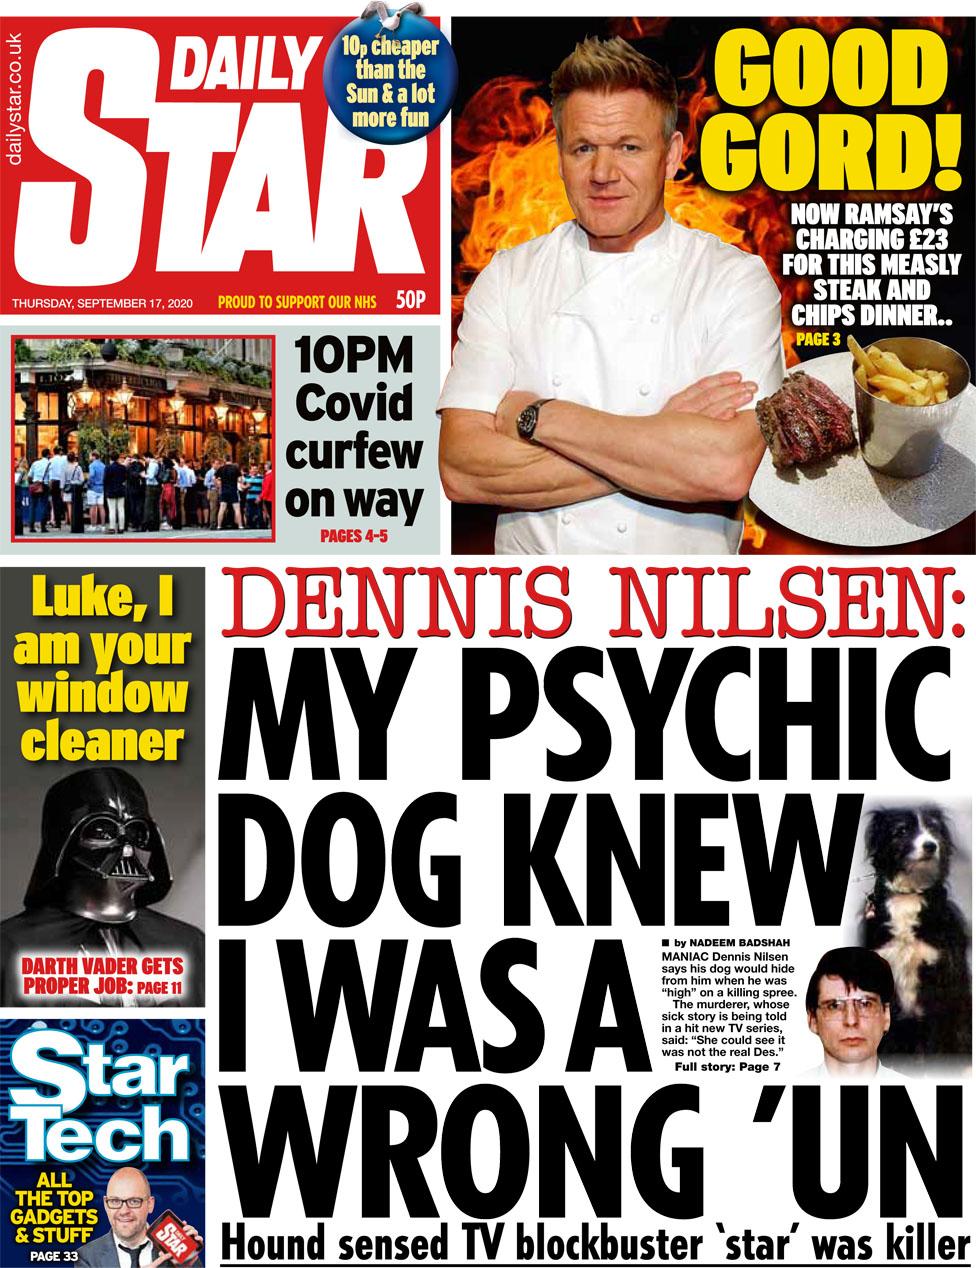 Daily Star 17 September